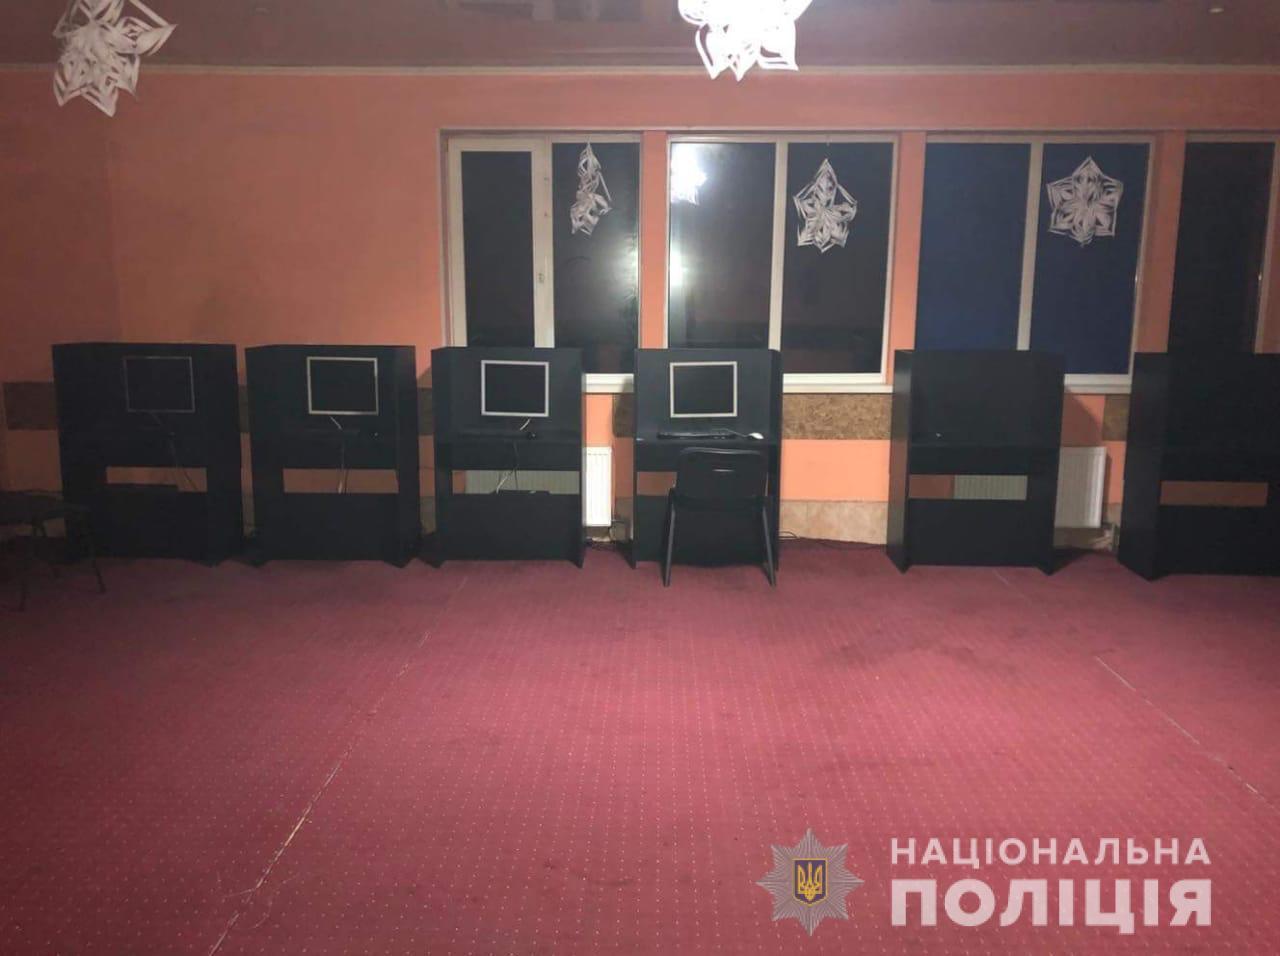 Підпільний бізнес: на Білоцерківщині виявили незаконний гральний заклад - поліція Київщини, гральні заклади - WhatsApp Image 2020 01 13 at 09.47.53